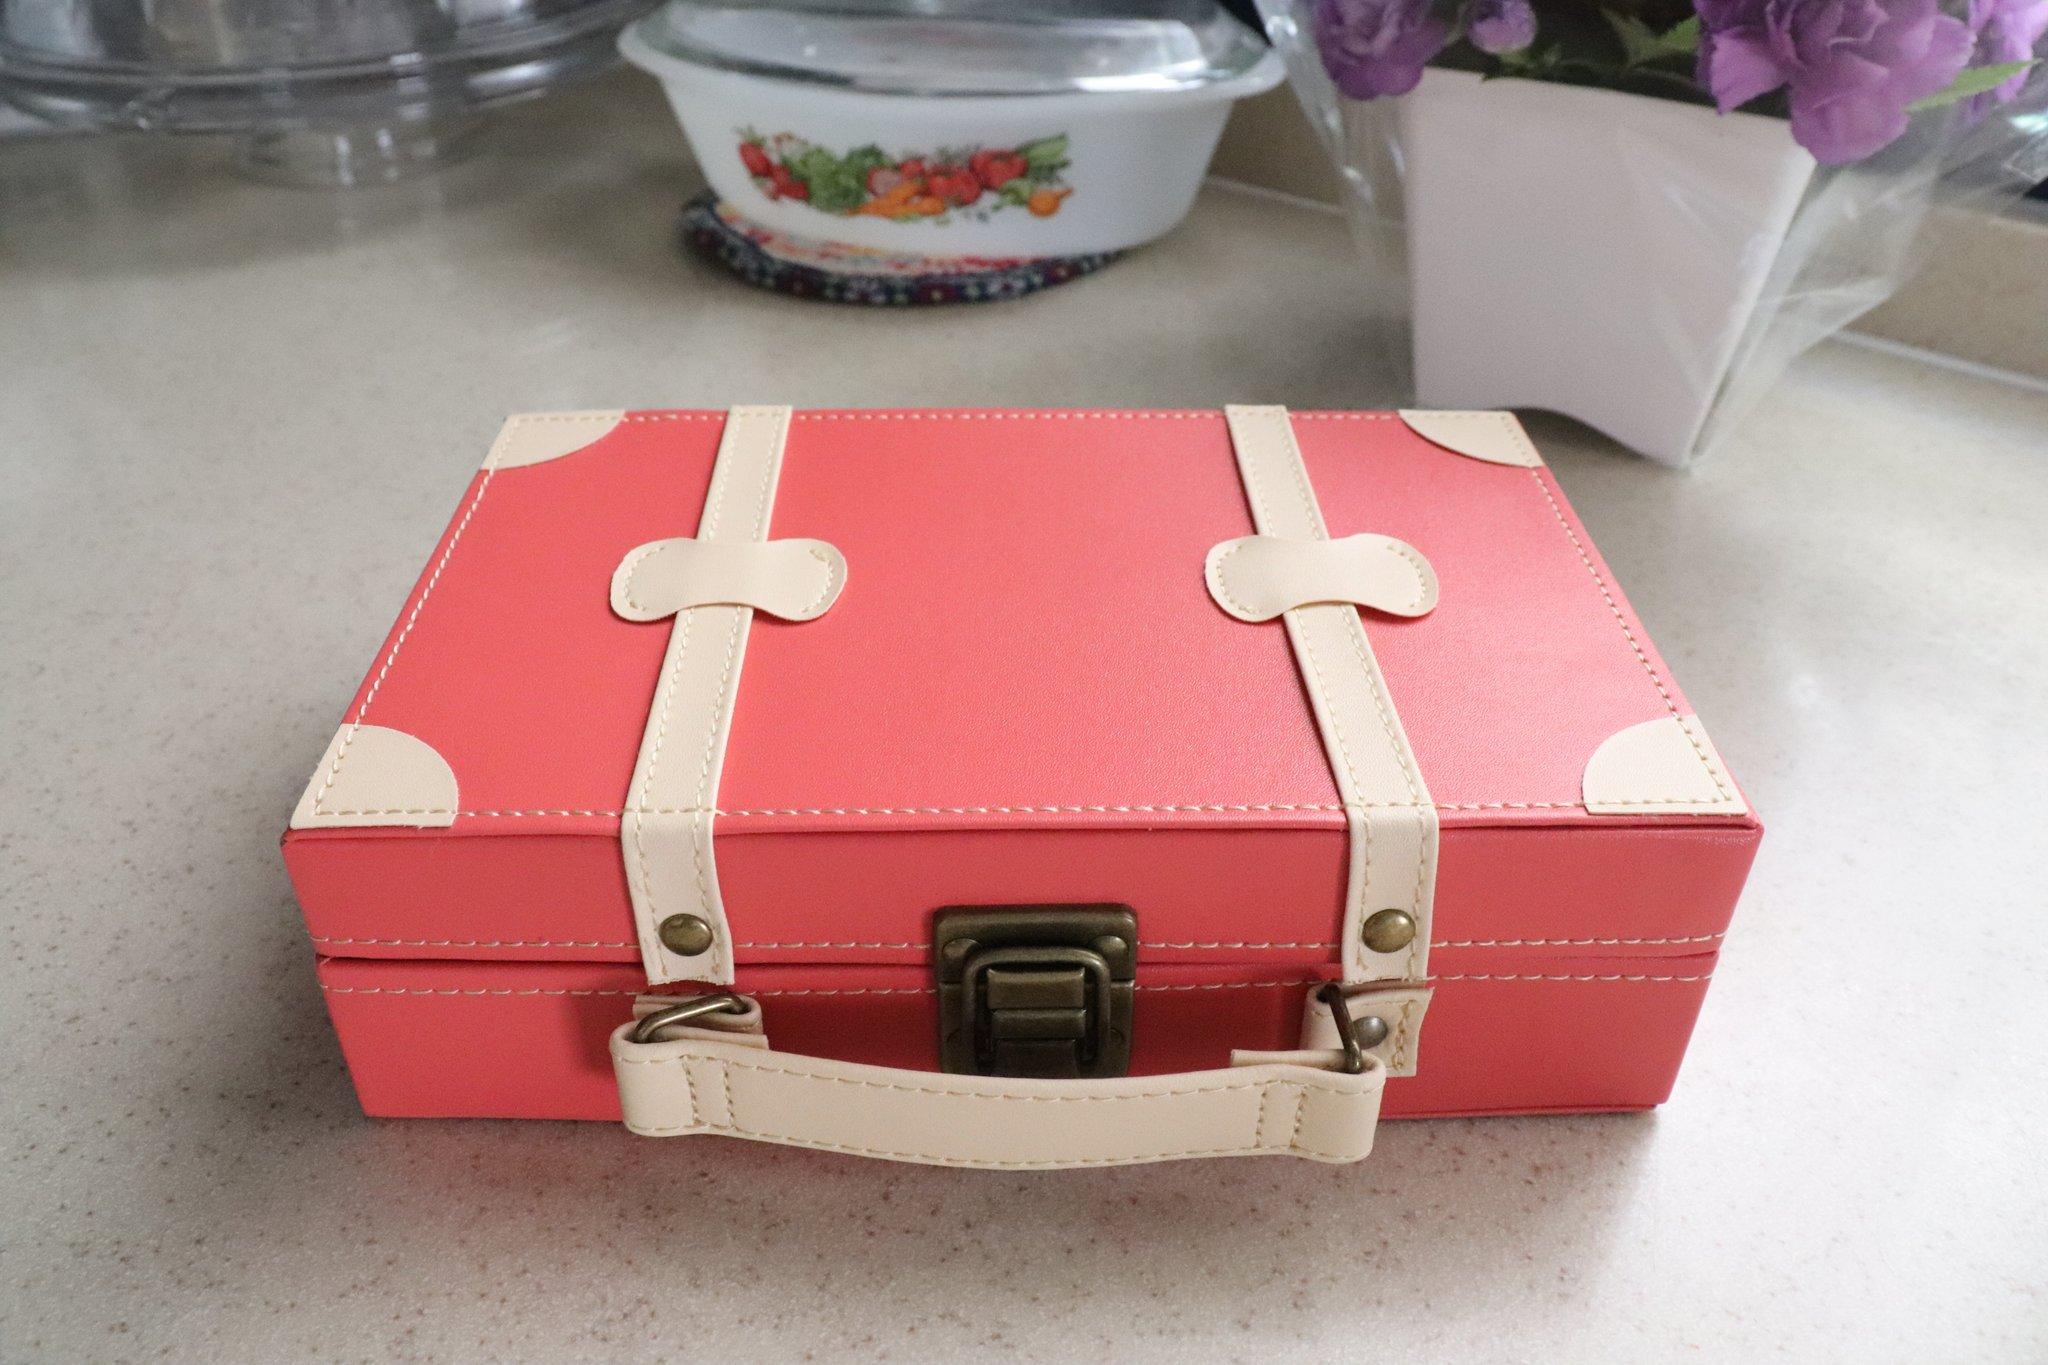 これがイマドキ小学生の裁縫道具セット!可愛らしい見た目に大人が注目w